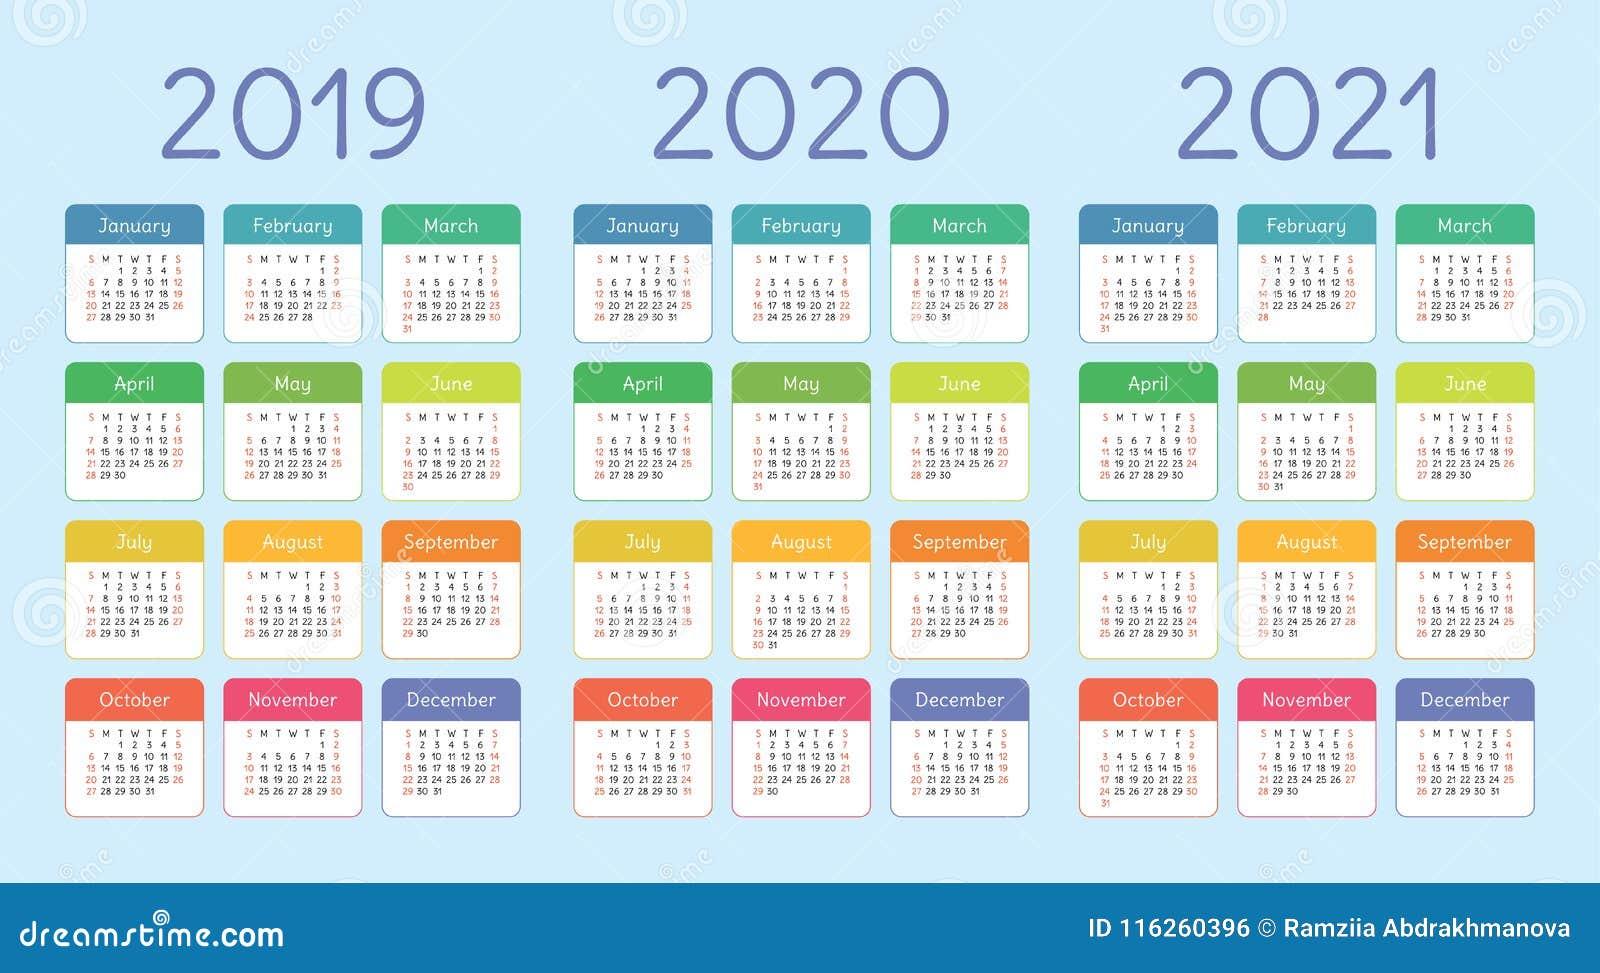 Settimane Calendario 2020.2019 2020 Un Insieme Di 2021 Calendario Colore Tasca